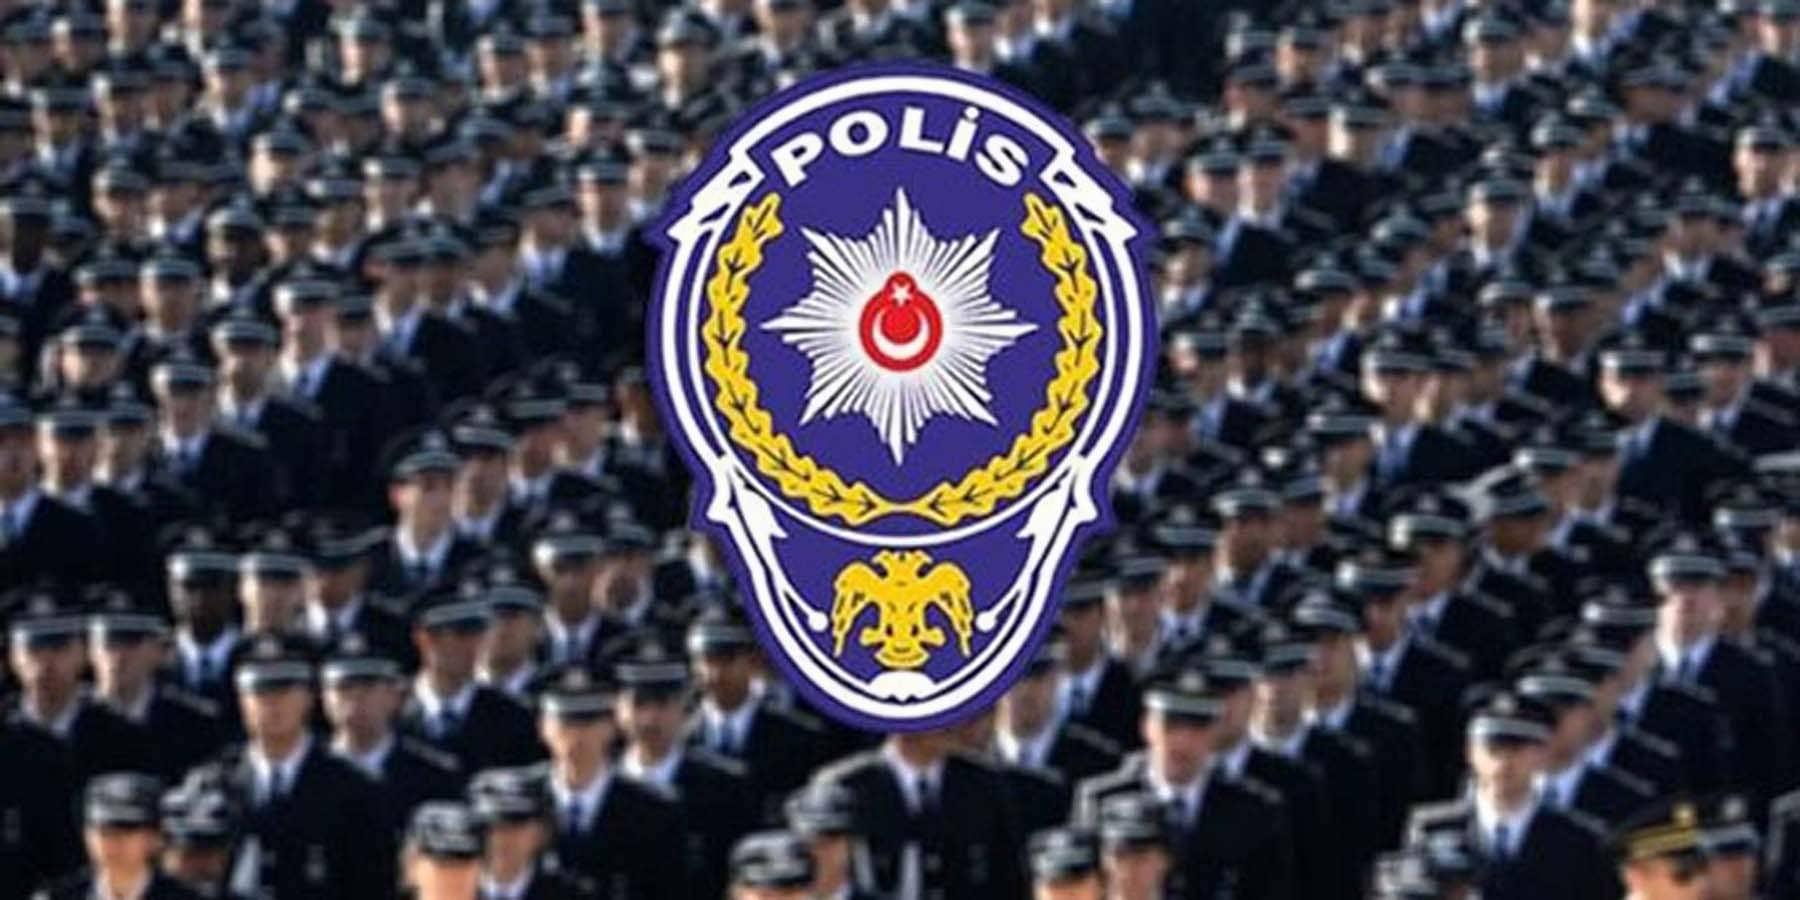 Polislere Maç Görevi Parası Ödenmesi Hakkında Emsal Karar